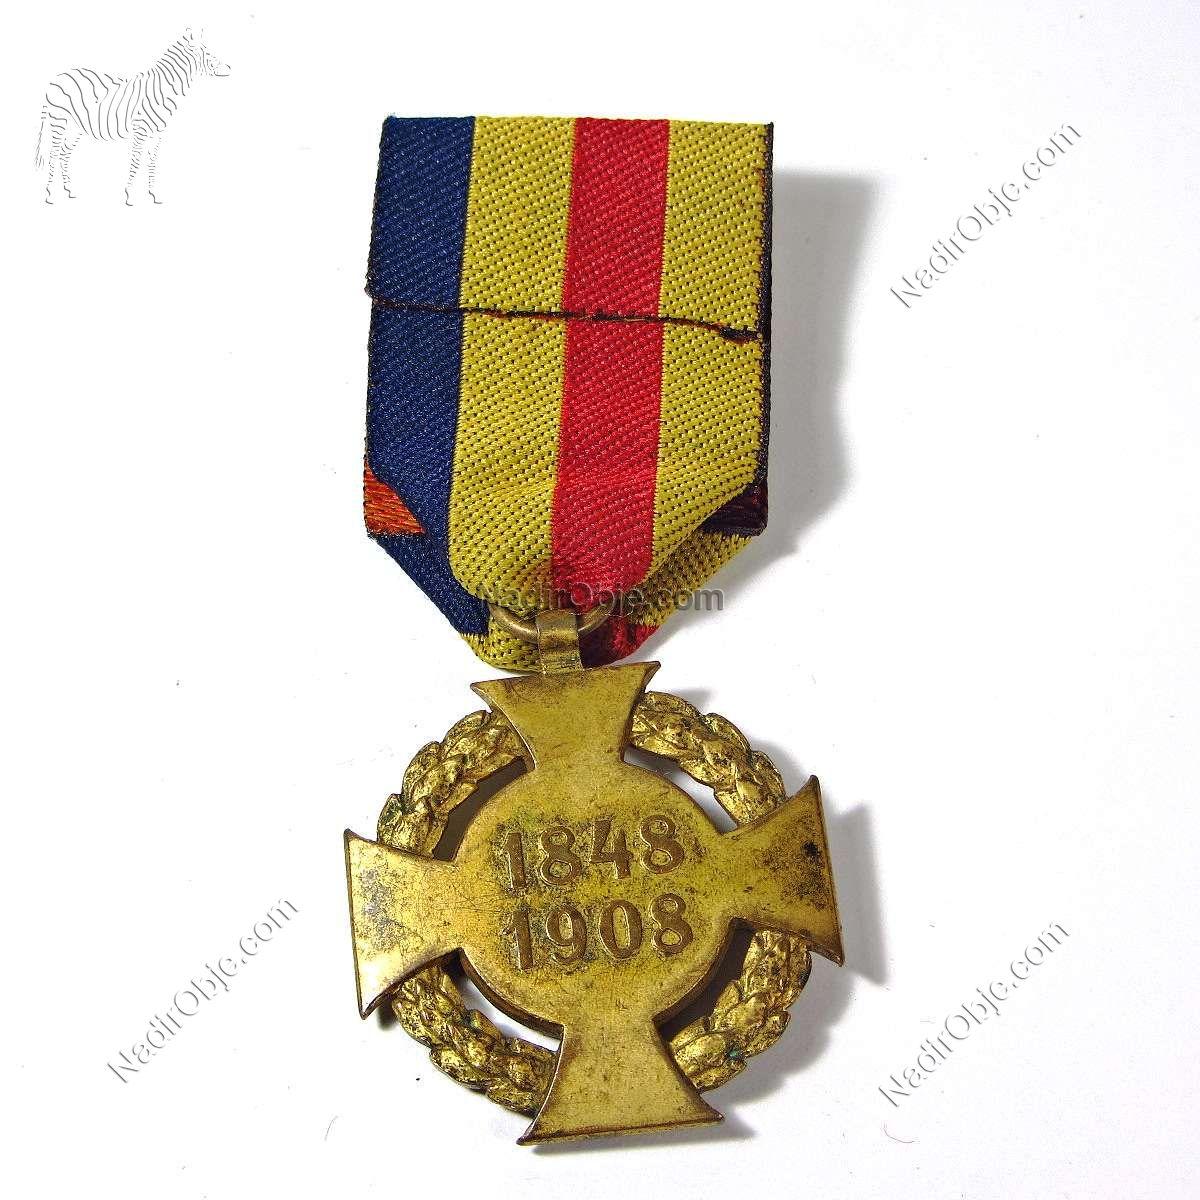 1848-1908 Haçlı Madalya Franc Ios I Diğer Objeler Haç